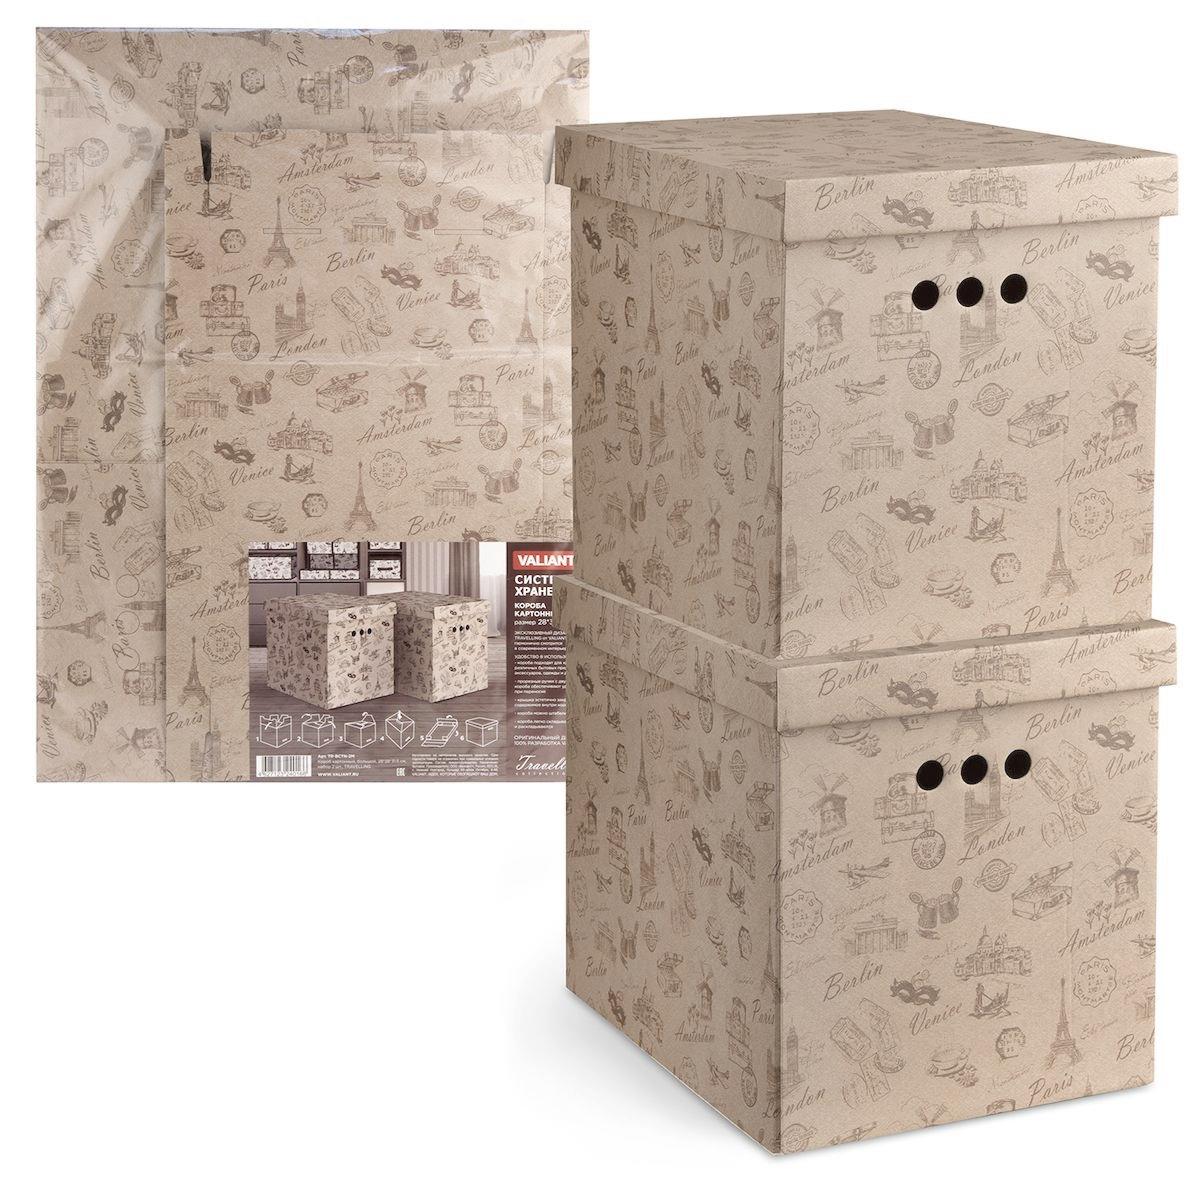 Короб для хранения Valiant Travelling, складной, 28 х 38 х 31,5 см, 2 штTR-BCTN-2MКороб для хранения Valiant Travelling изготовлен из картона. Изделие легко и быстро складывается. Оснащен крышкой и тремя отверстиями, которые позволяют удобно его выдвигать. Такой короб прекрасно подойдет для хранения бытовых мелочей, аксессуаров для рукоделия и других мелких предметов. С ним все мелкие вещи будут храниться аккуратно и не потеряются. Размер изделия (в собранном виде): 28 х 38 х 31,5 см.